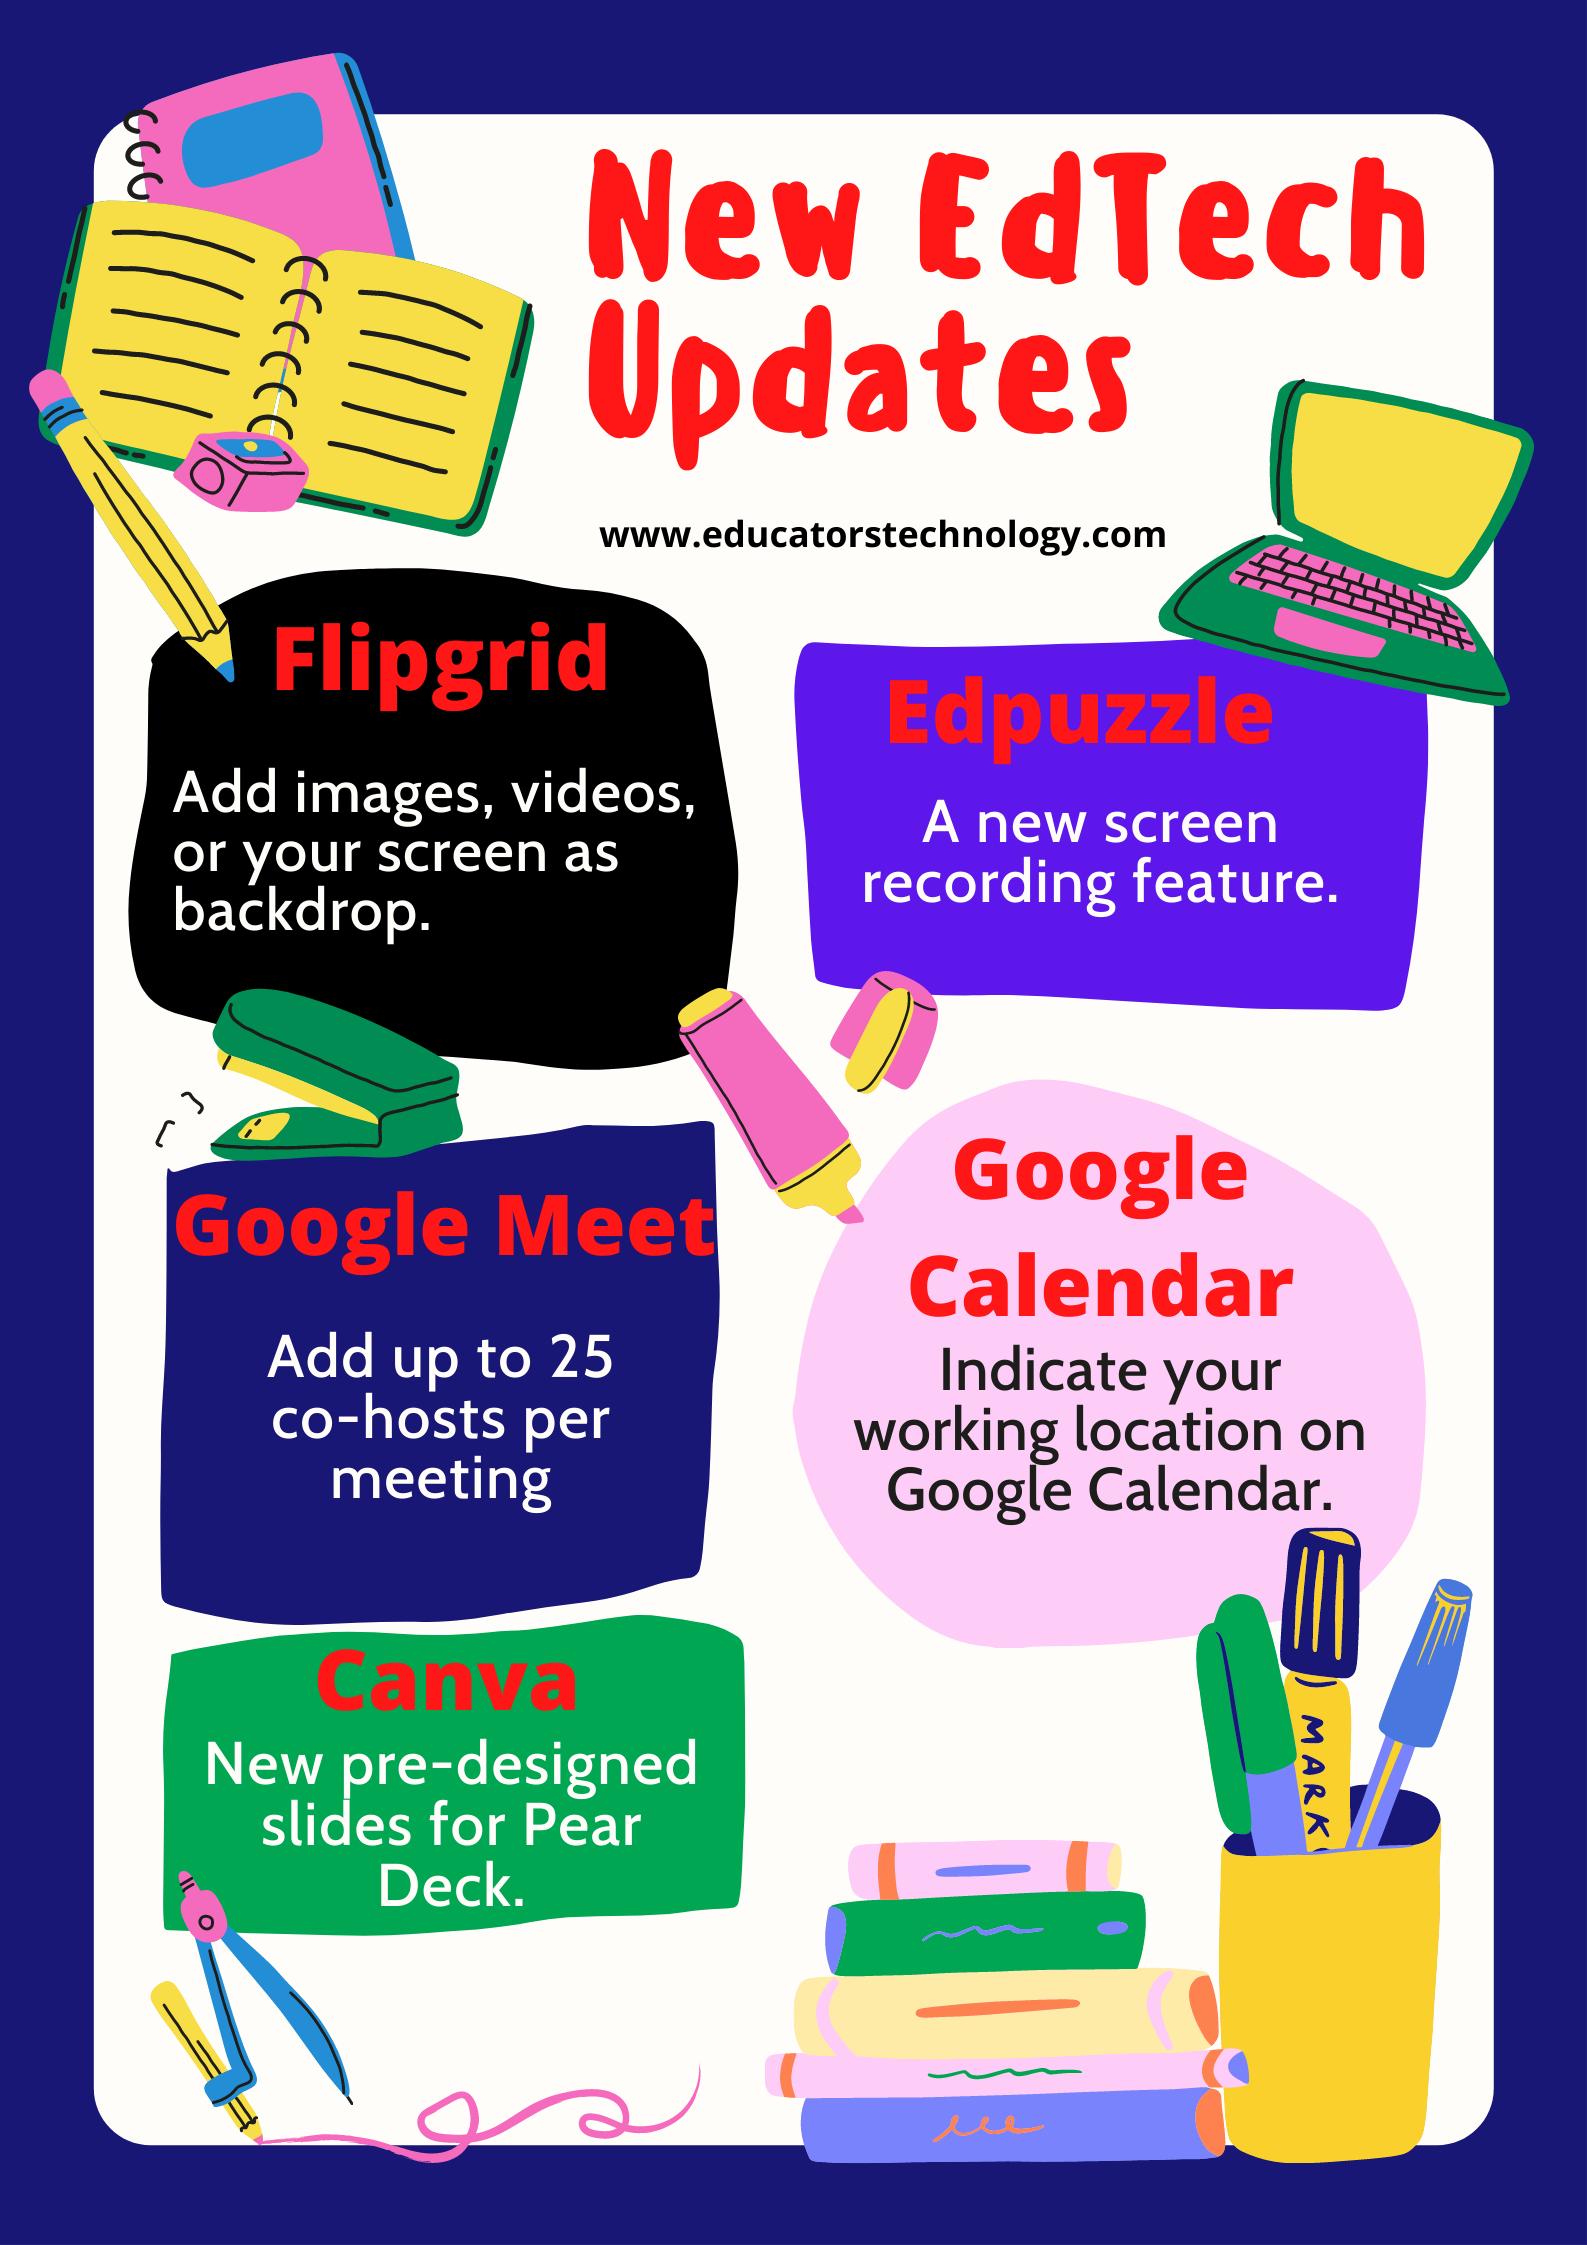 new edtech updates for teachers